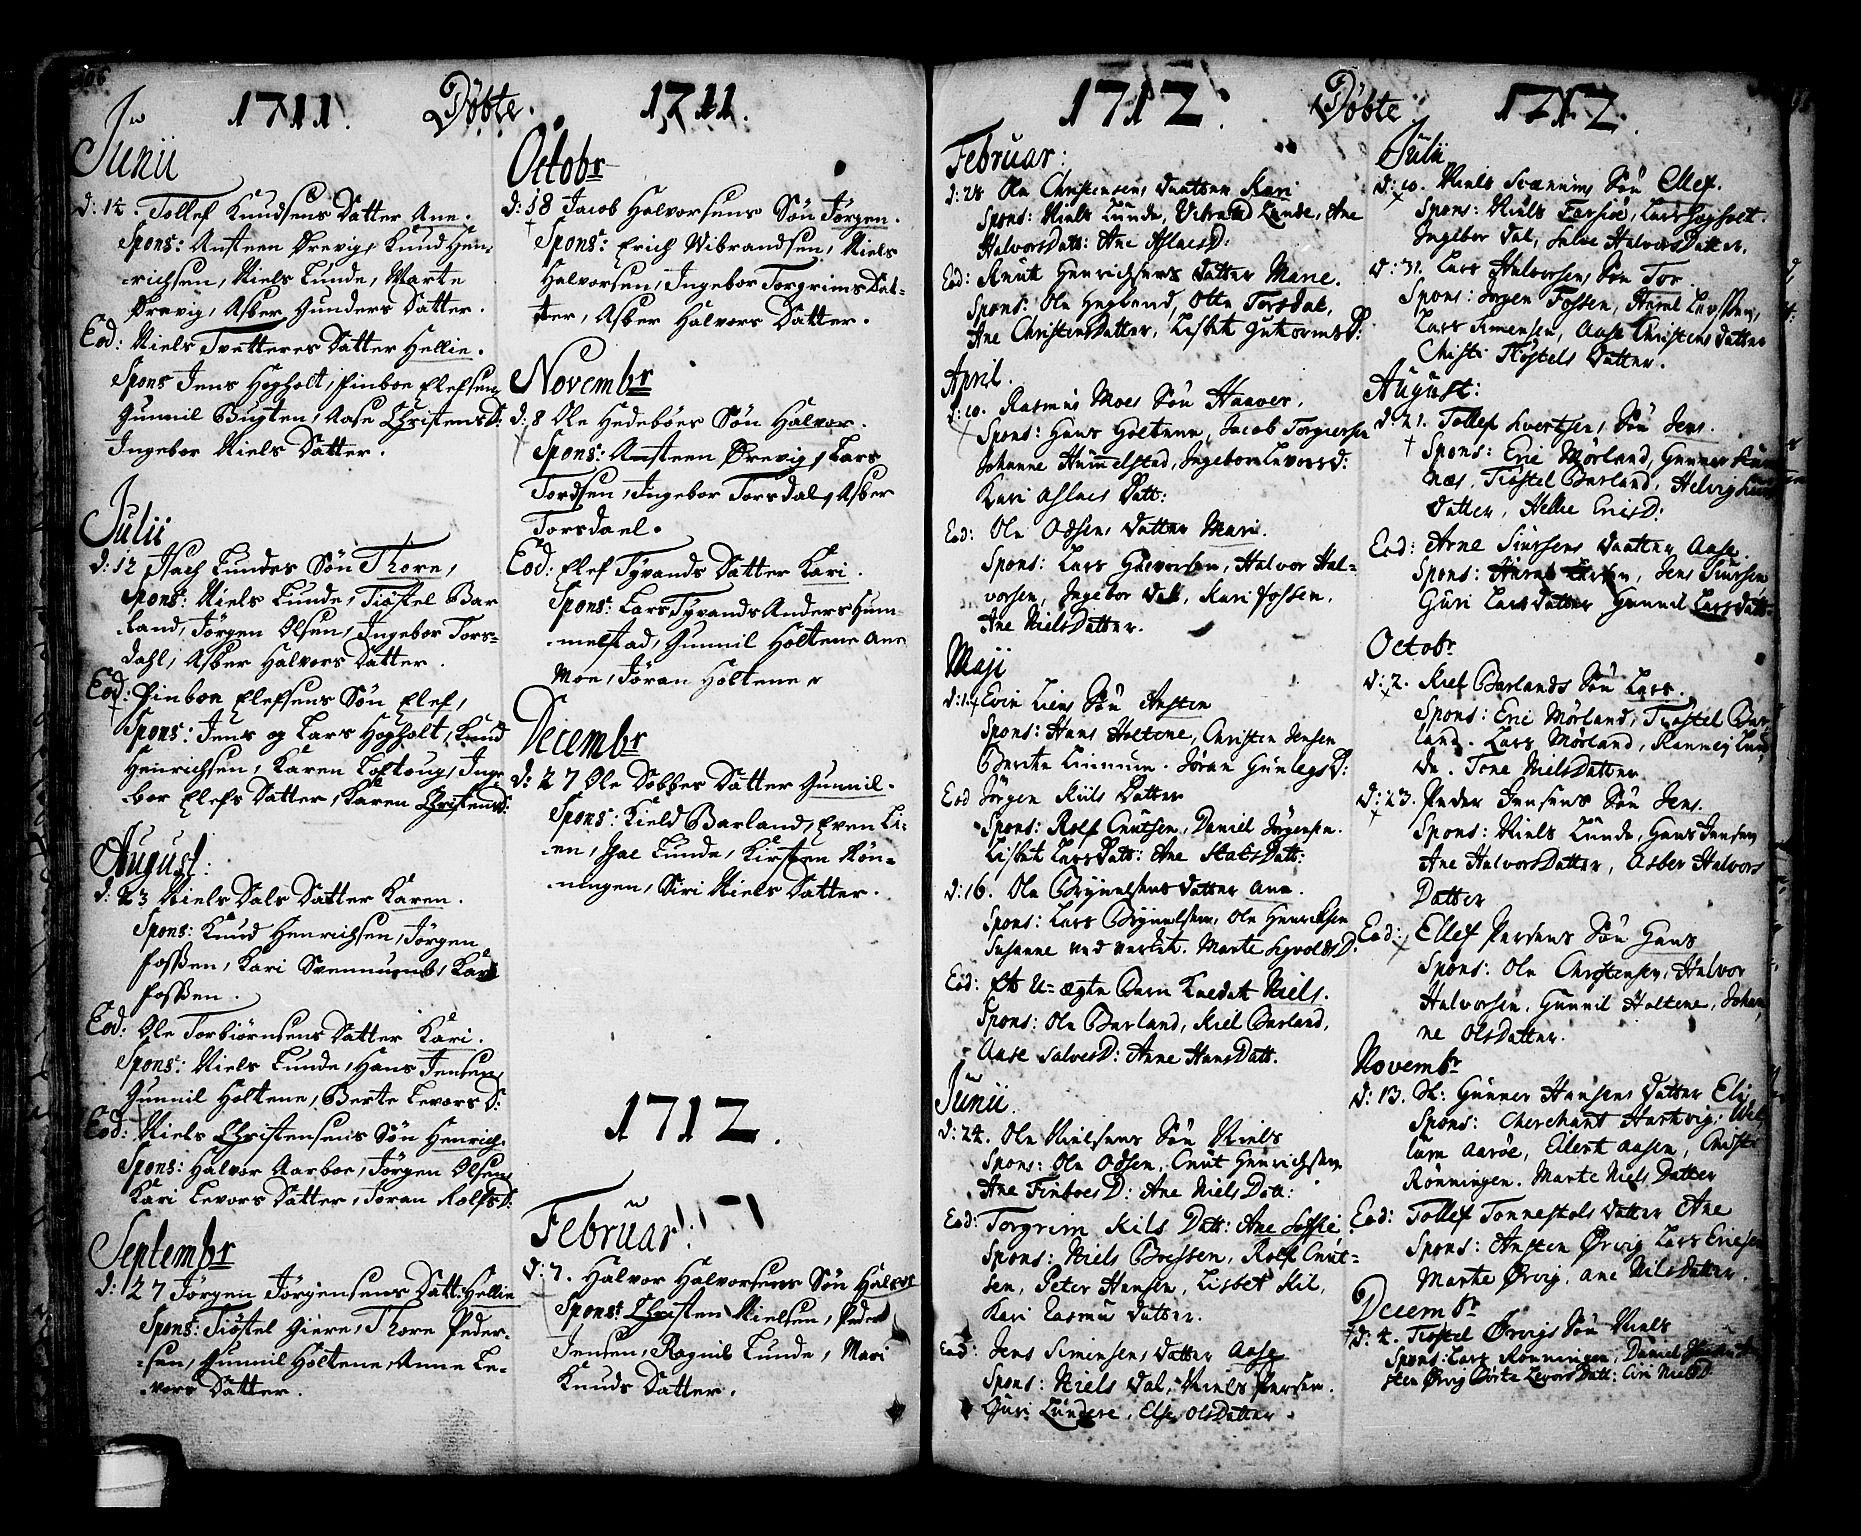 SAKO, Sannidal kirkebøker, F/Fa/L0001: Ministerialbok nr. 1, 1702-1766, s. 106-107